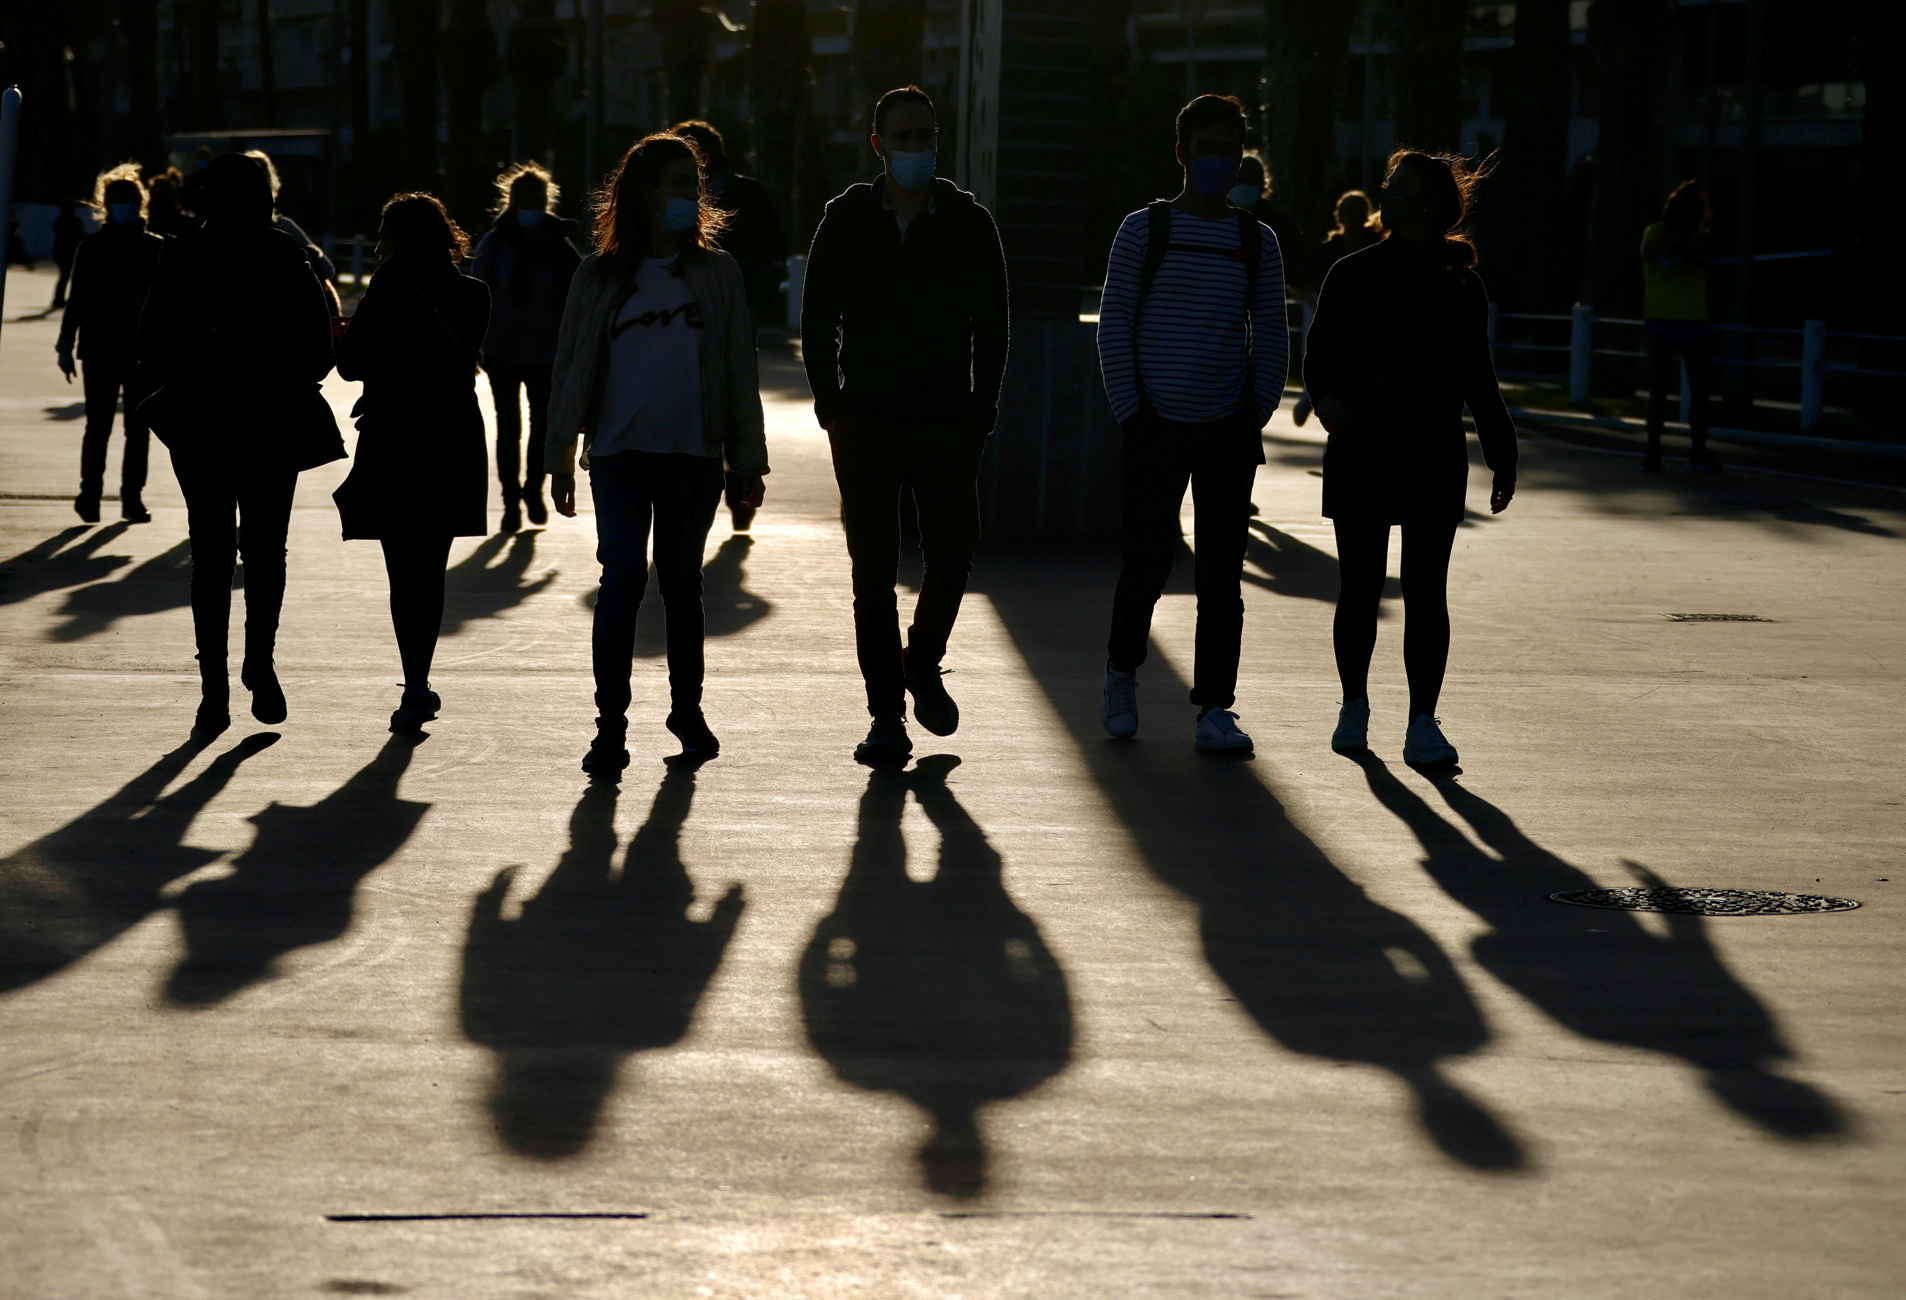 ΟΑΕΔ: Σχεδόν 1,1 εκατομμύρια άνεργοι τον Απρίλιο του 2021